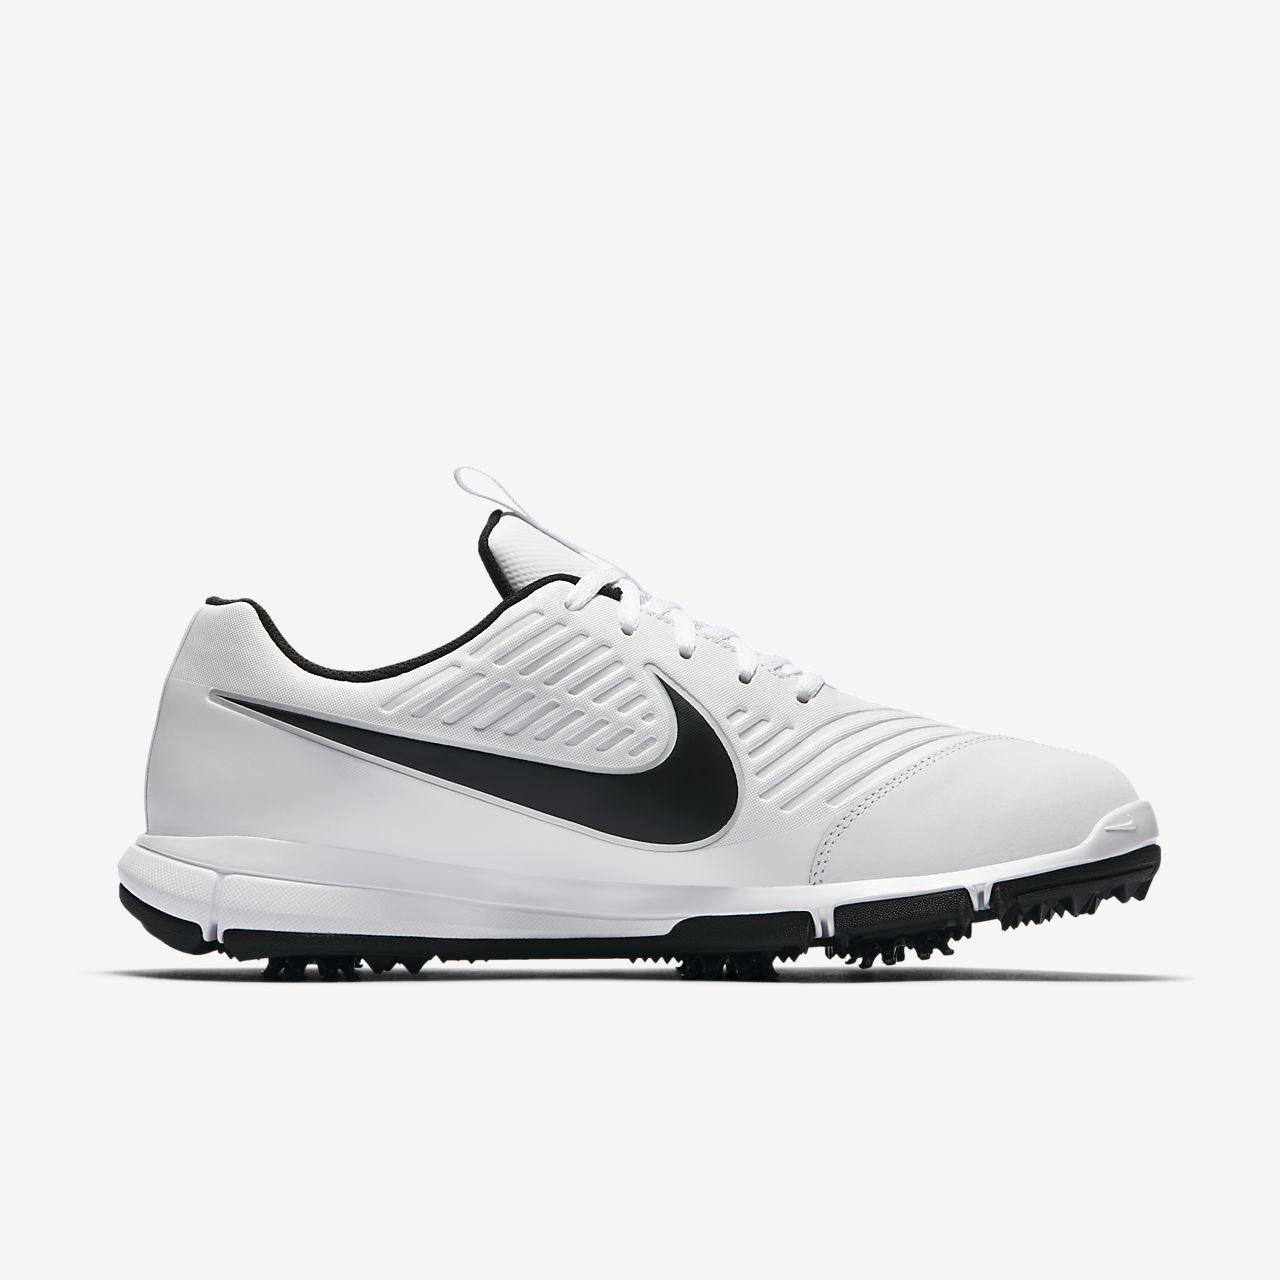 official photos afb34 8f0b4 ... Nike Explorer 2 S Mens Golf Shoe